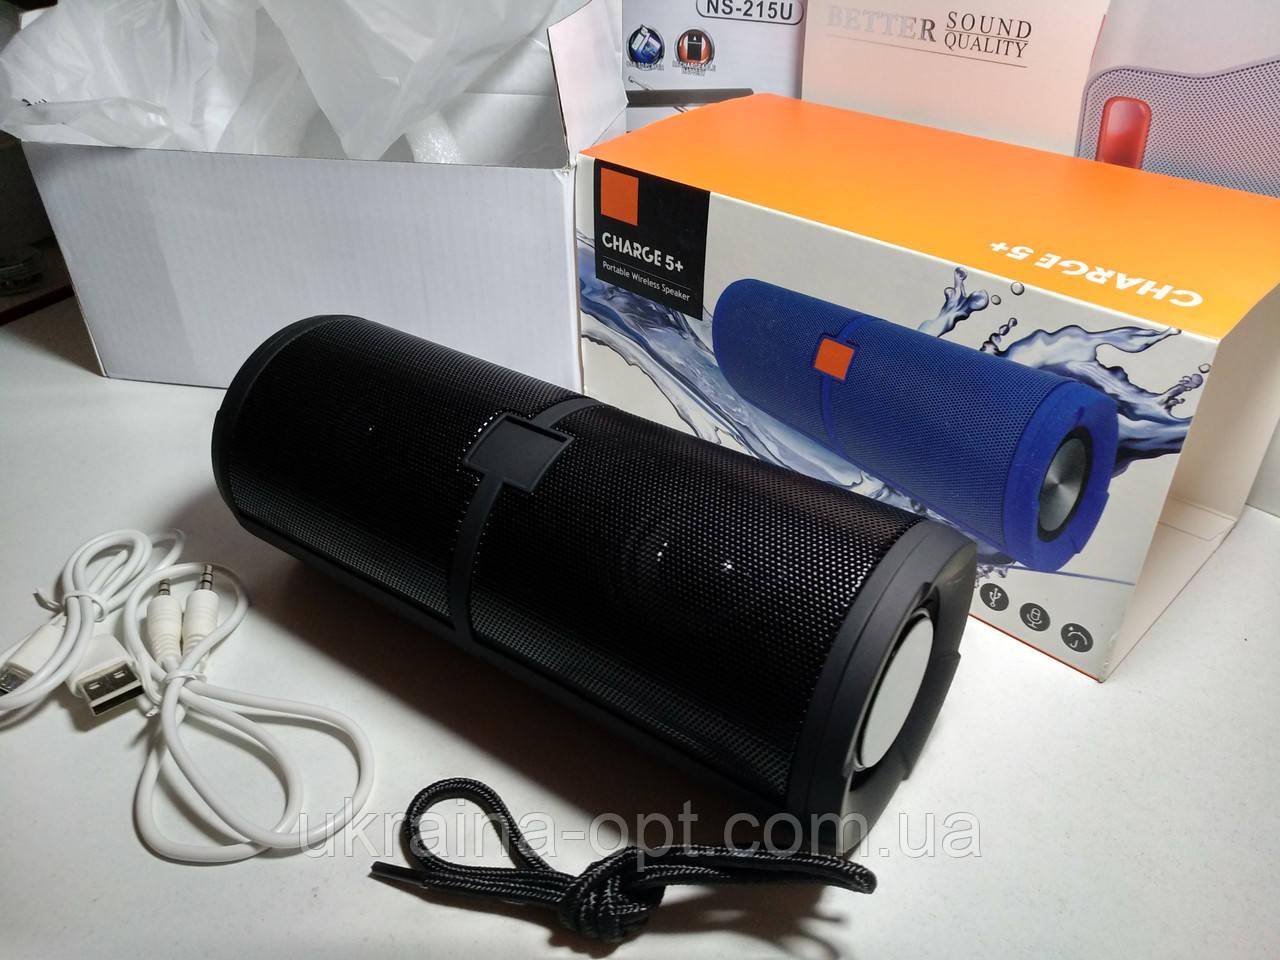 Водонепроницаемая колонка JBL Charge 5+ (Bluetooth, USB)